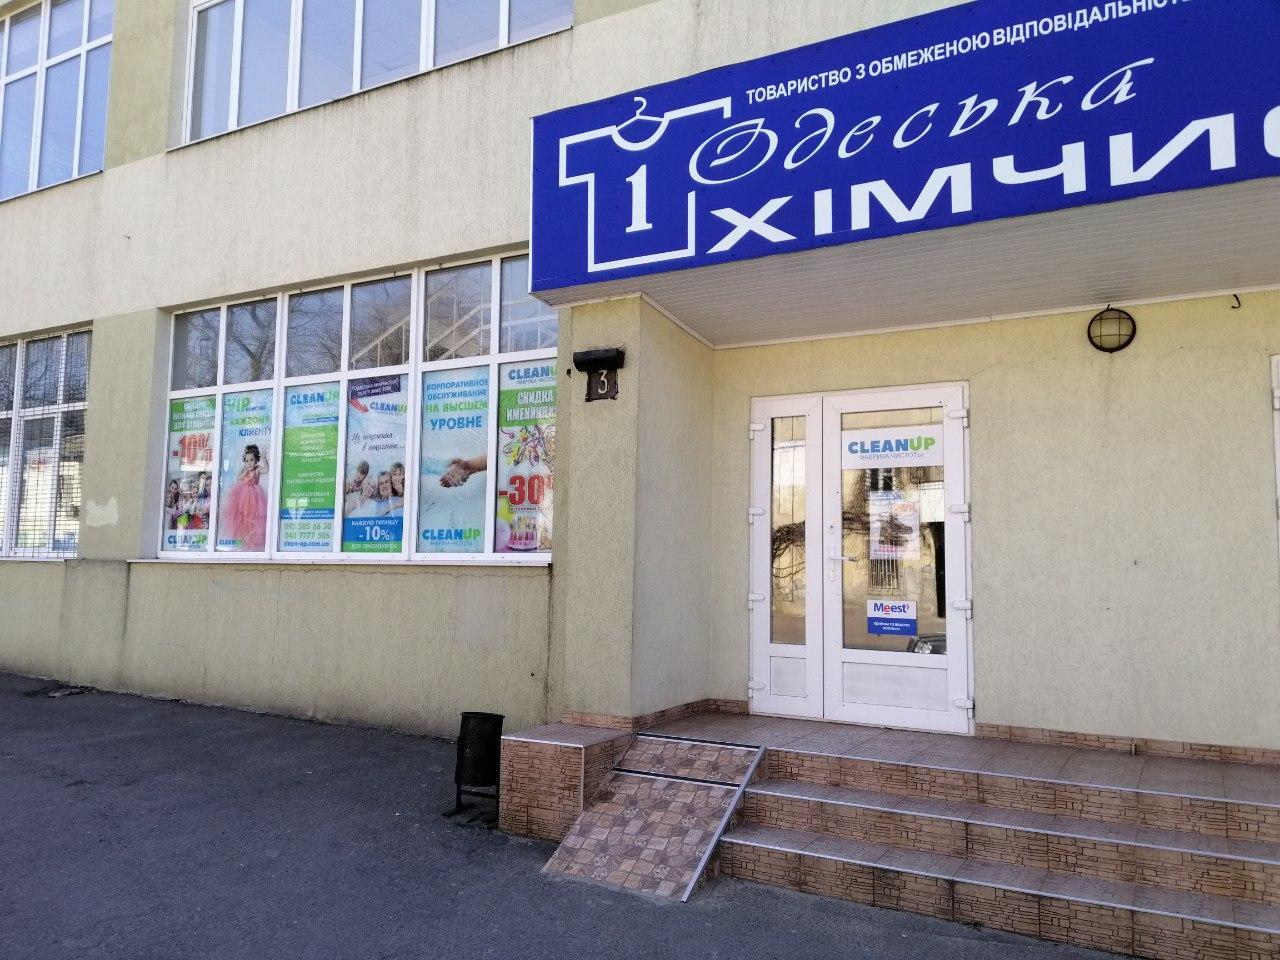 Одесская химчистка «CleanUp»